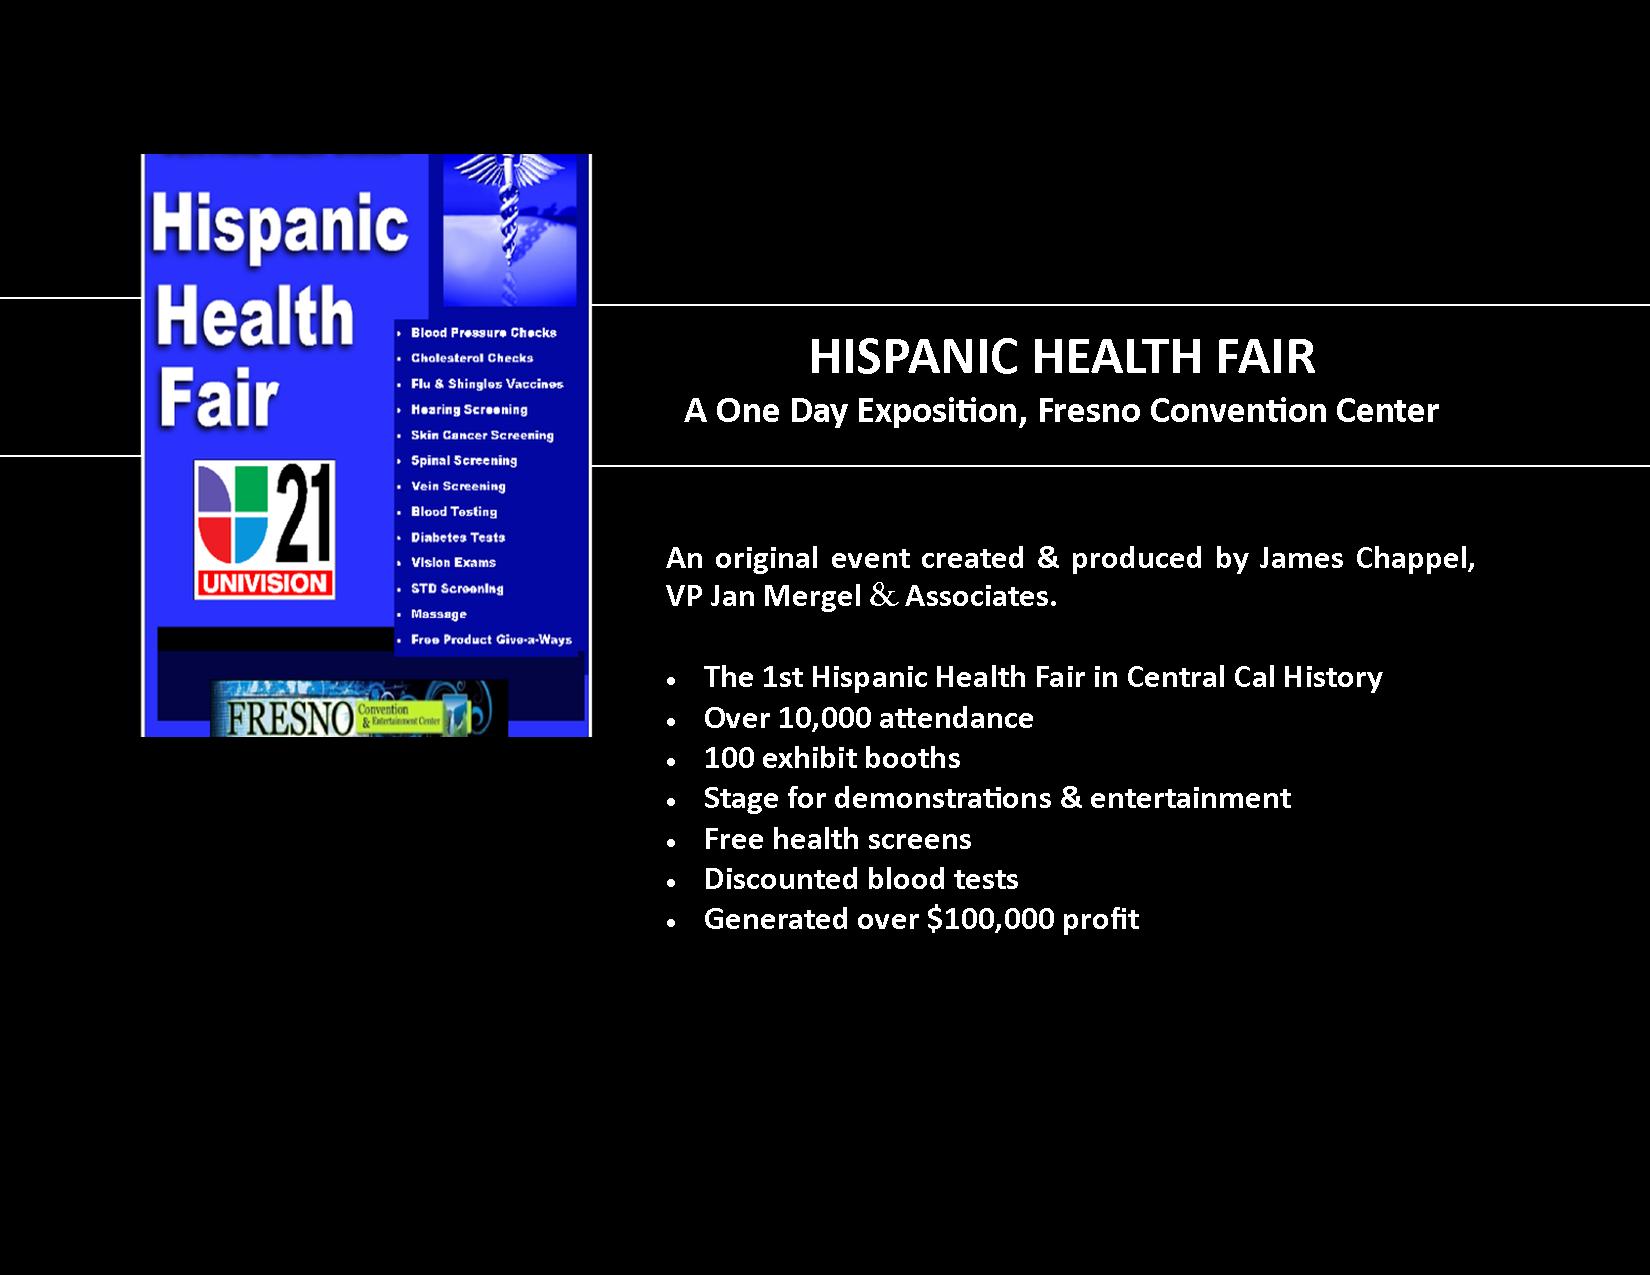 HISPANIC HEALTH FAIR.png